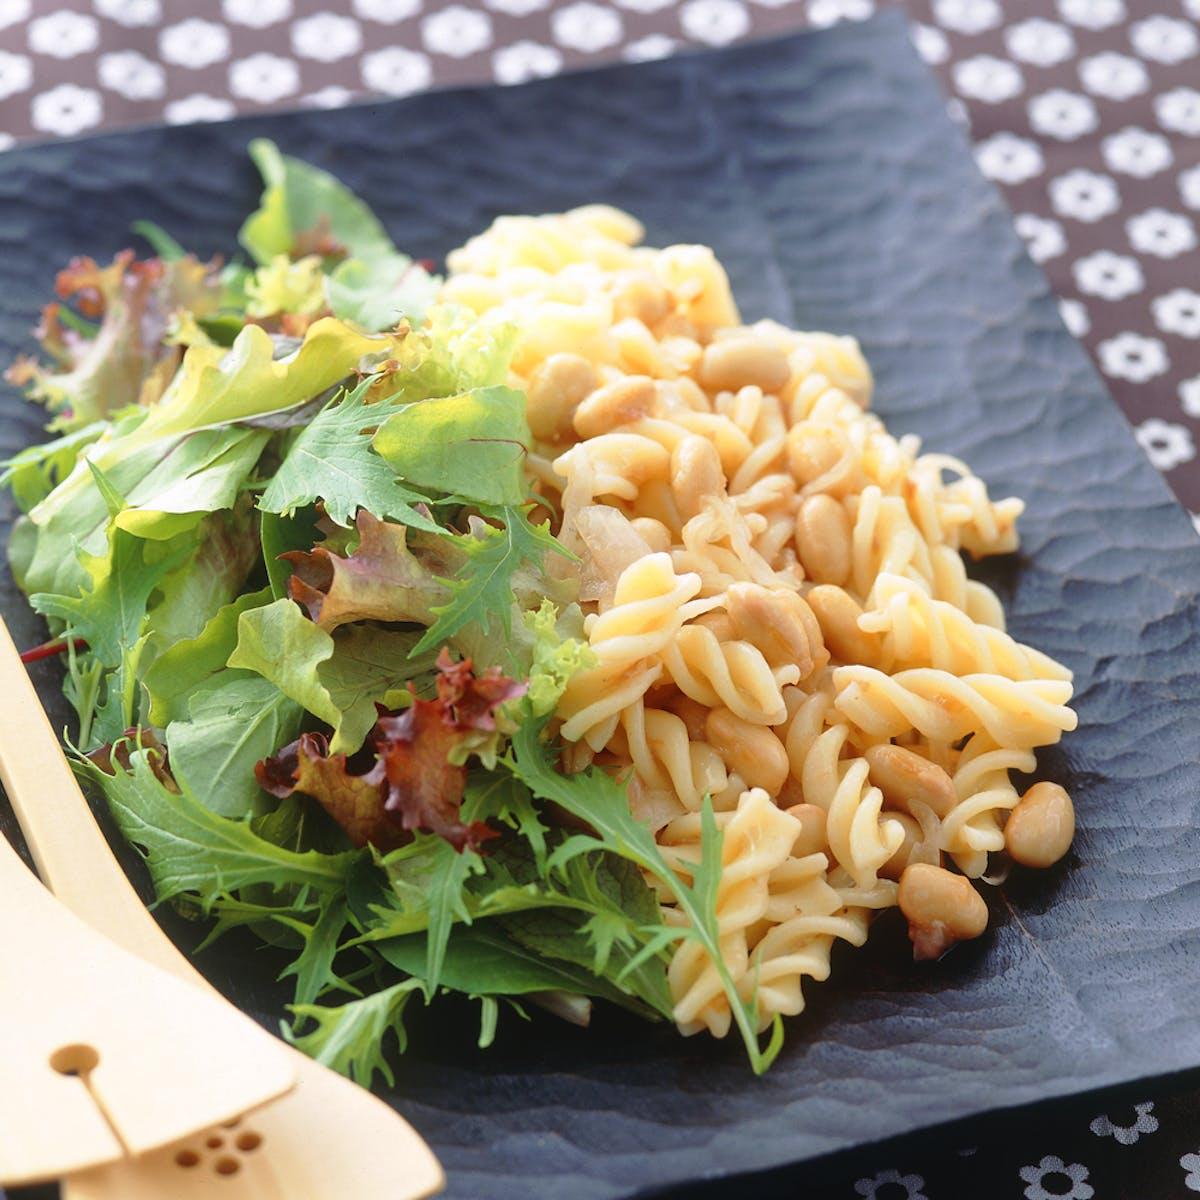 パスタと大豆の梅風味サラダ